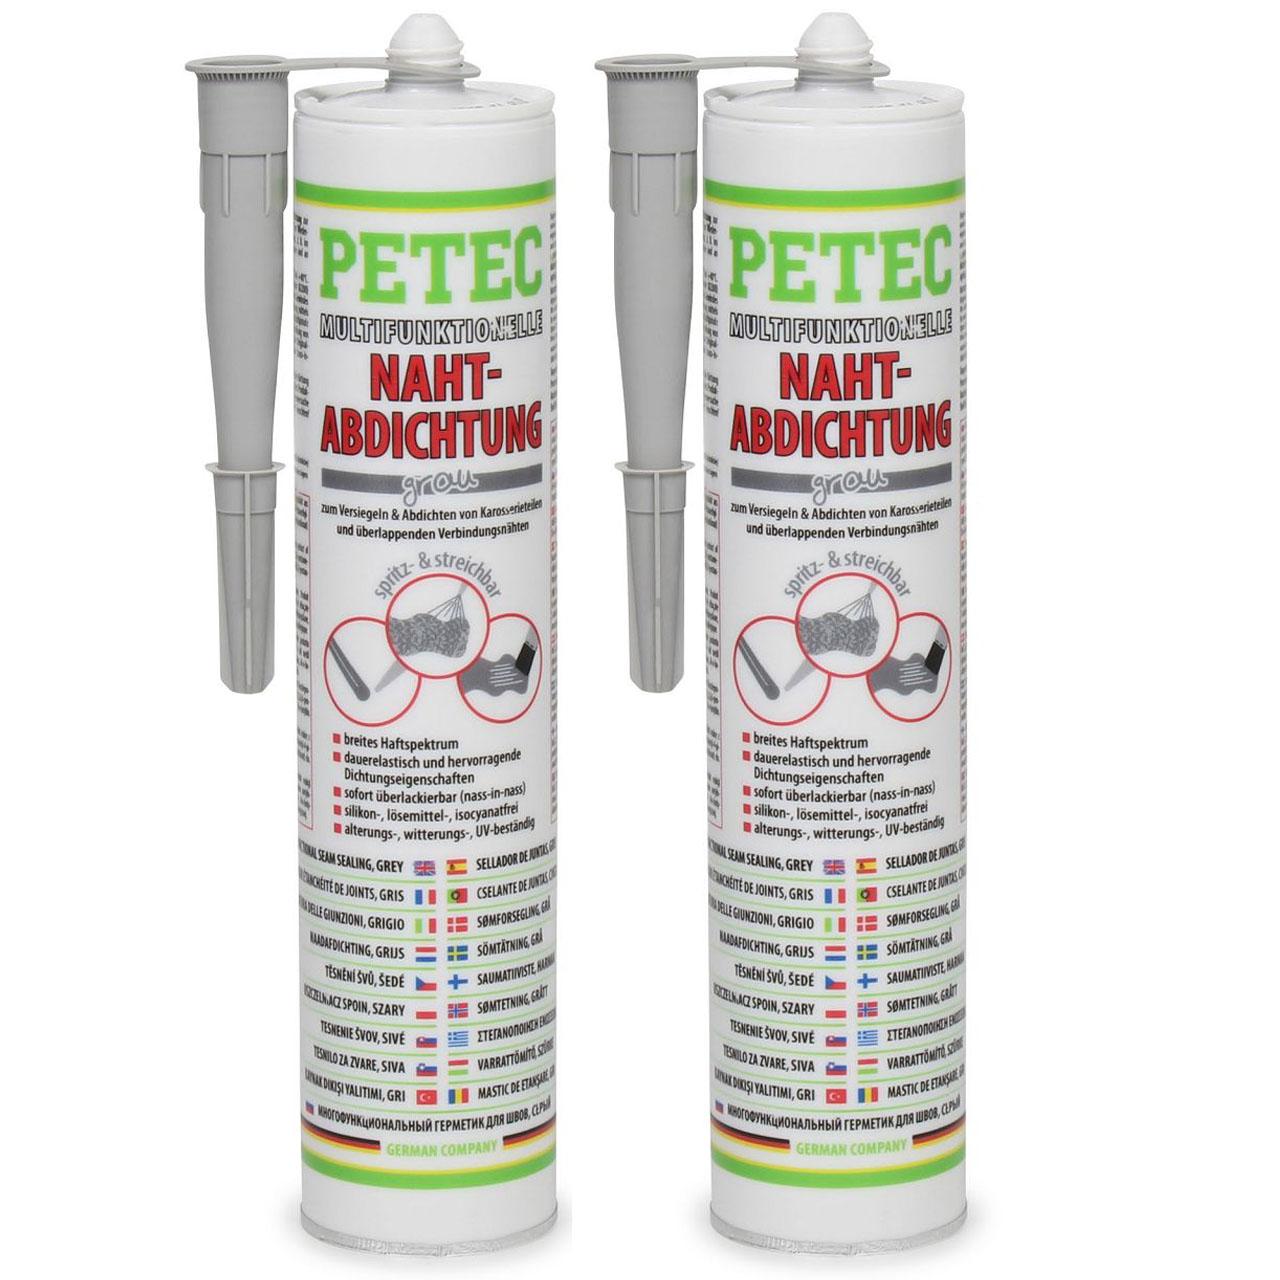 2x 310ml PETEC 94131 Multifunktionelle Nahtabdichtung Abdichtung Kartusche GRAU